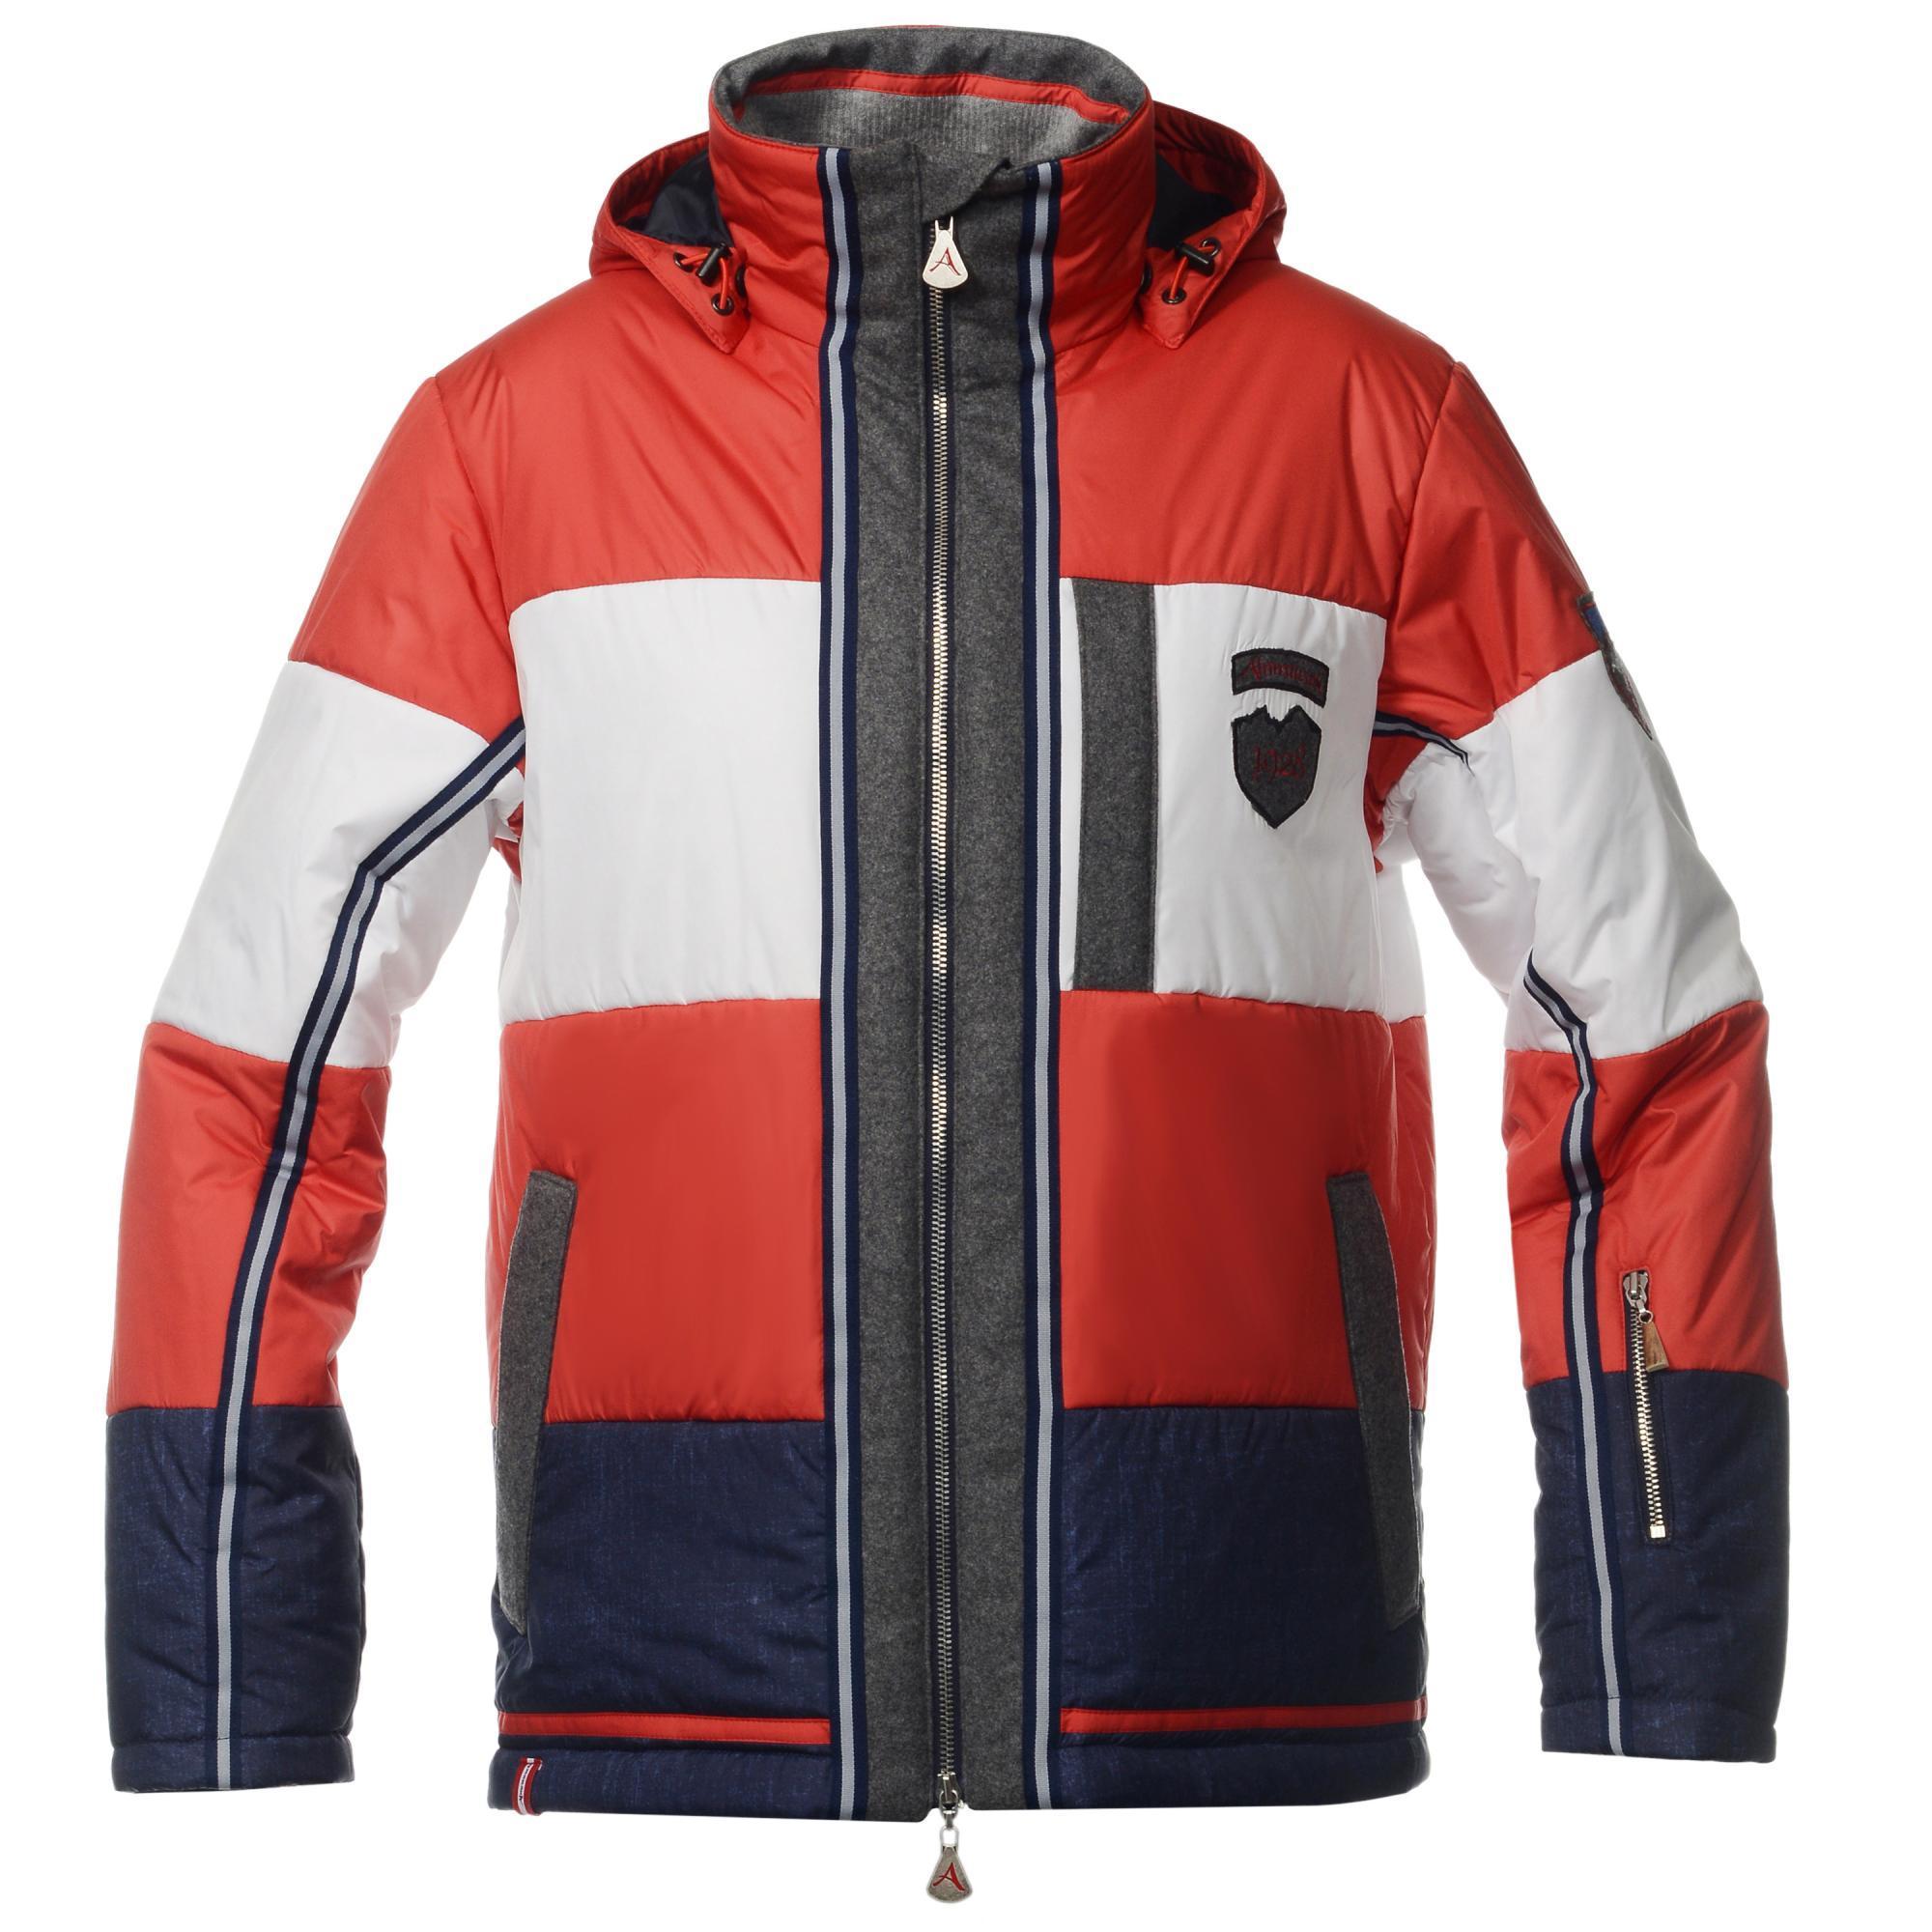 Мужская горнолыжная куртка Almrausch Steinpass 320109-1826 красная фото